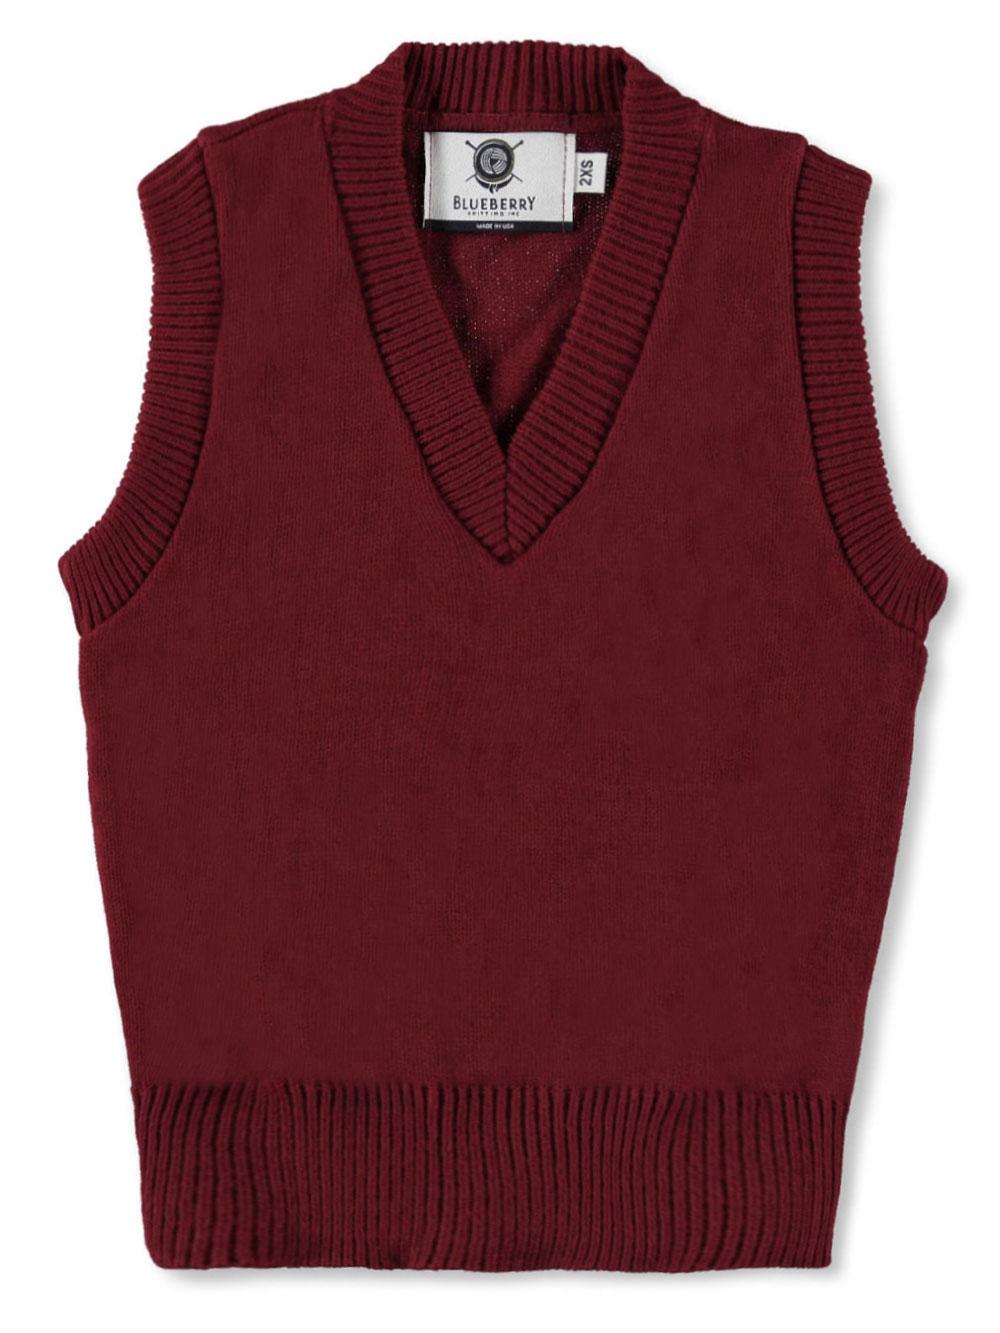 Blueberry Knitting Unisex V-Neck Sweater Vest (Sizes S - XXL) | eBay